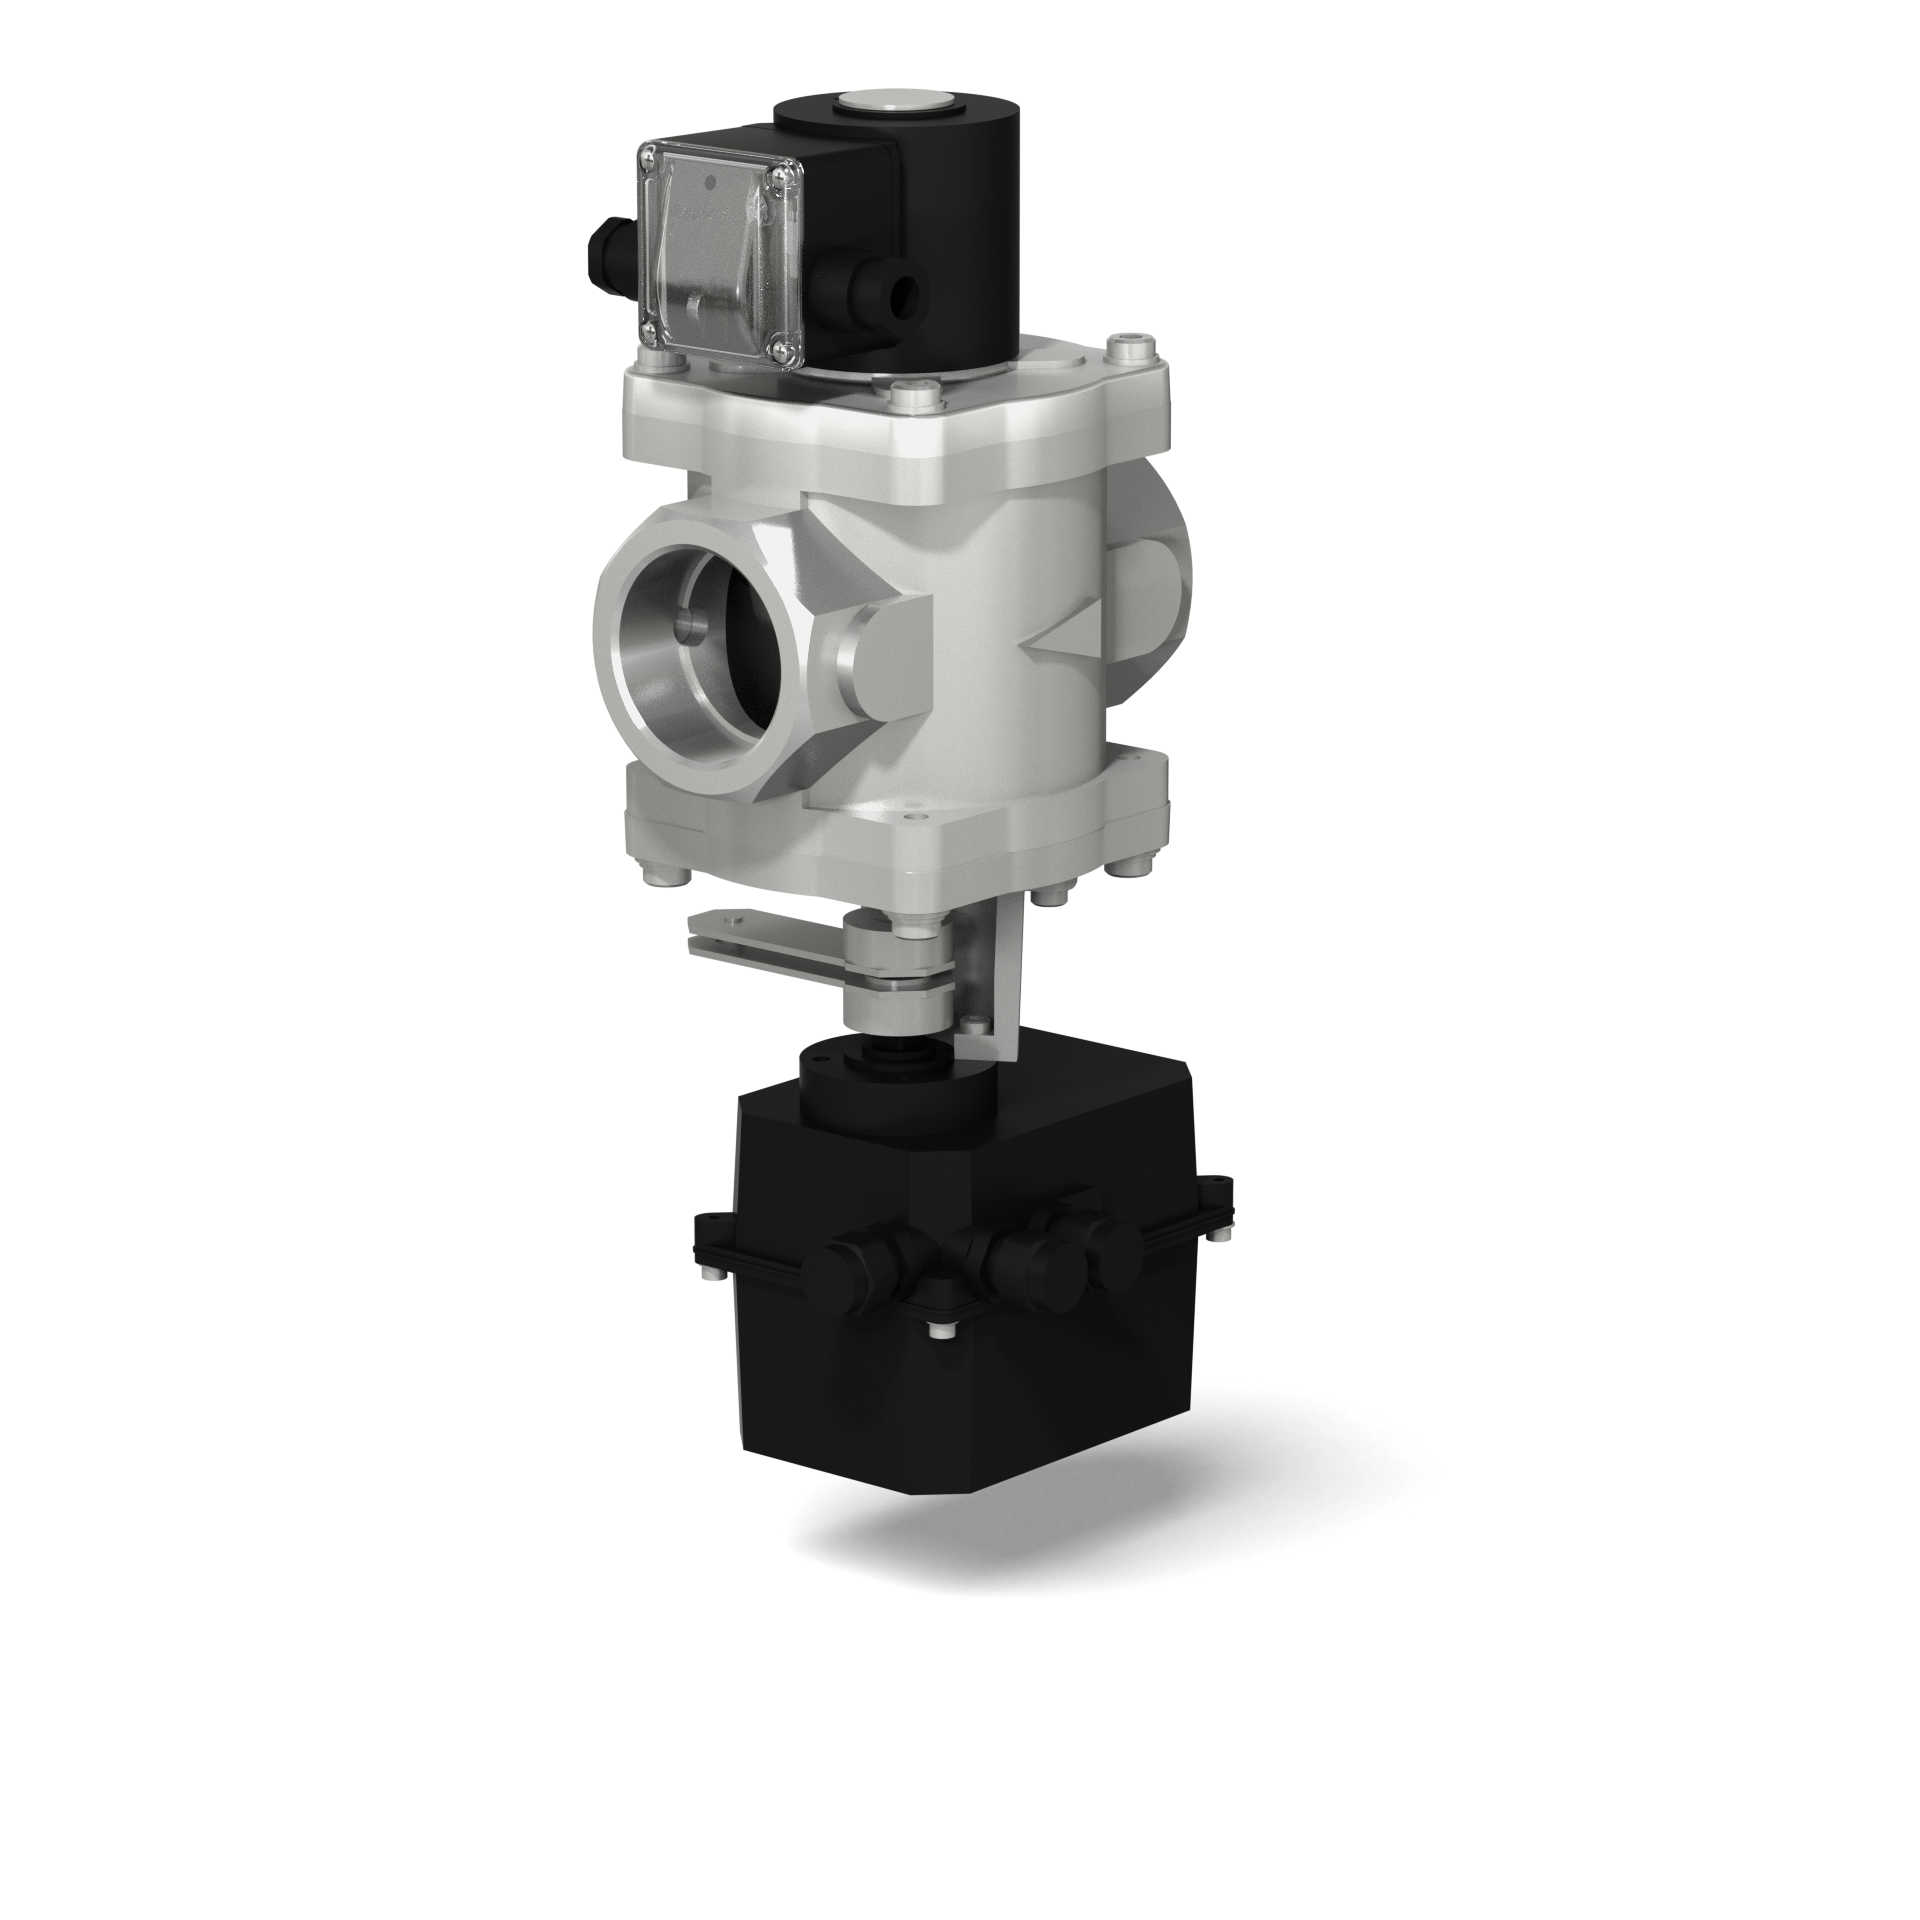 Клапаны электромагнитные двухпозиционные муфтовые с электроприводом регулятора расхода на DN 40-50 (привод SP0)